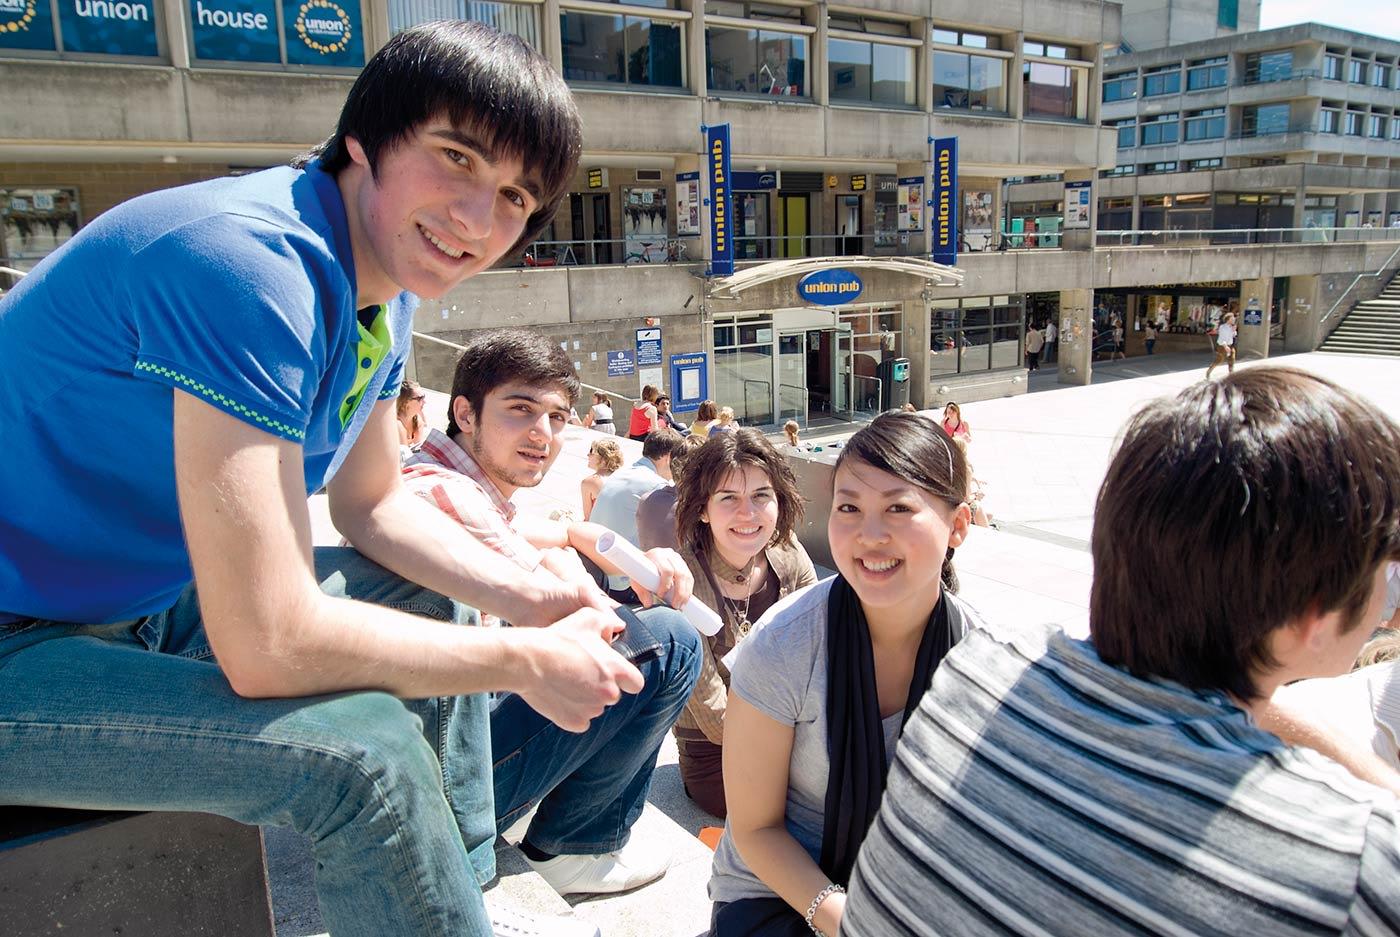 INTO学生可以无限制使用东英吉利大学的设施